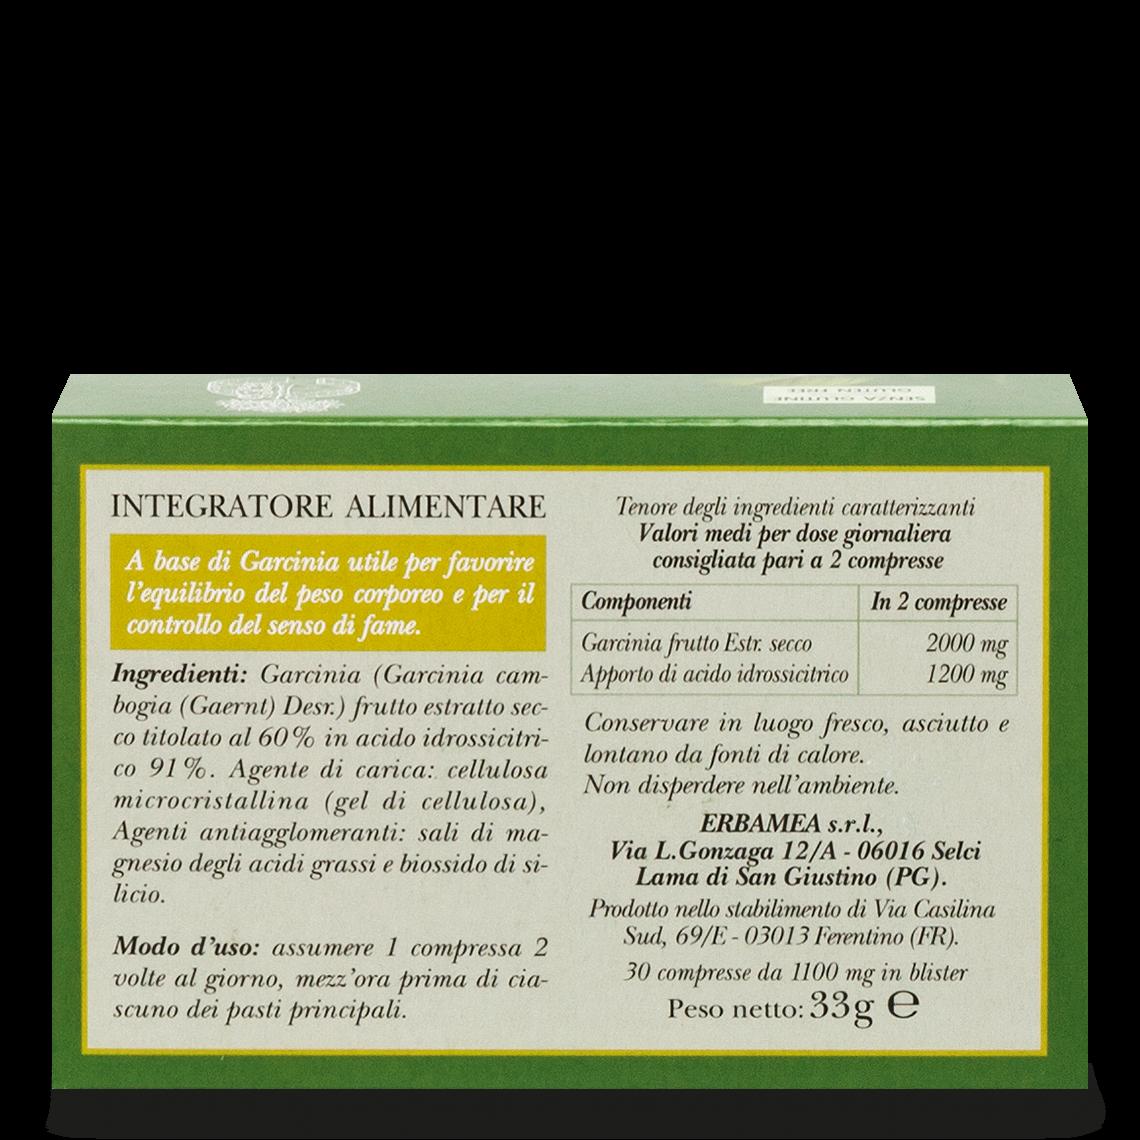 pillole per la dieta campione gratuito spedizione gratuita